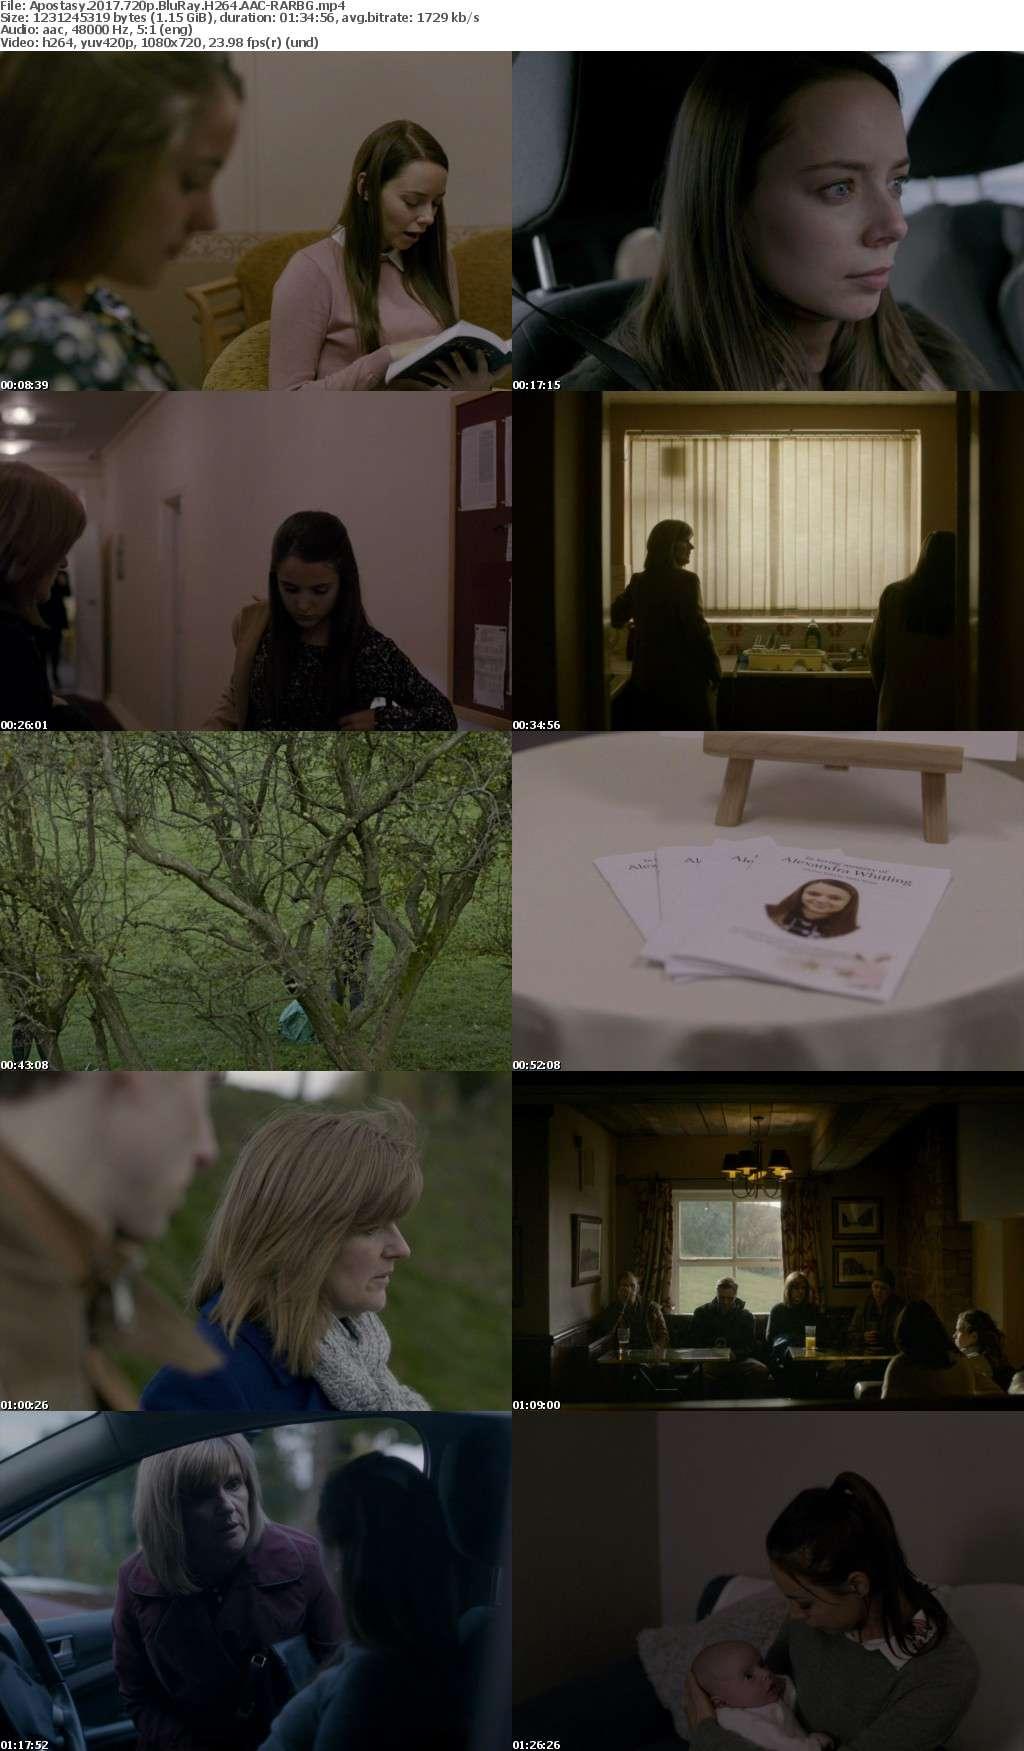 Apostasy 2017 720p BluRay H264 AAC-RARBG